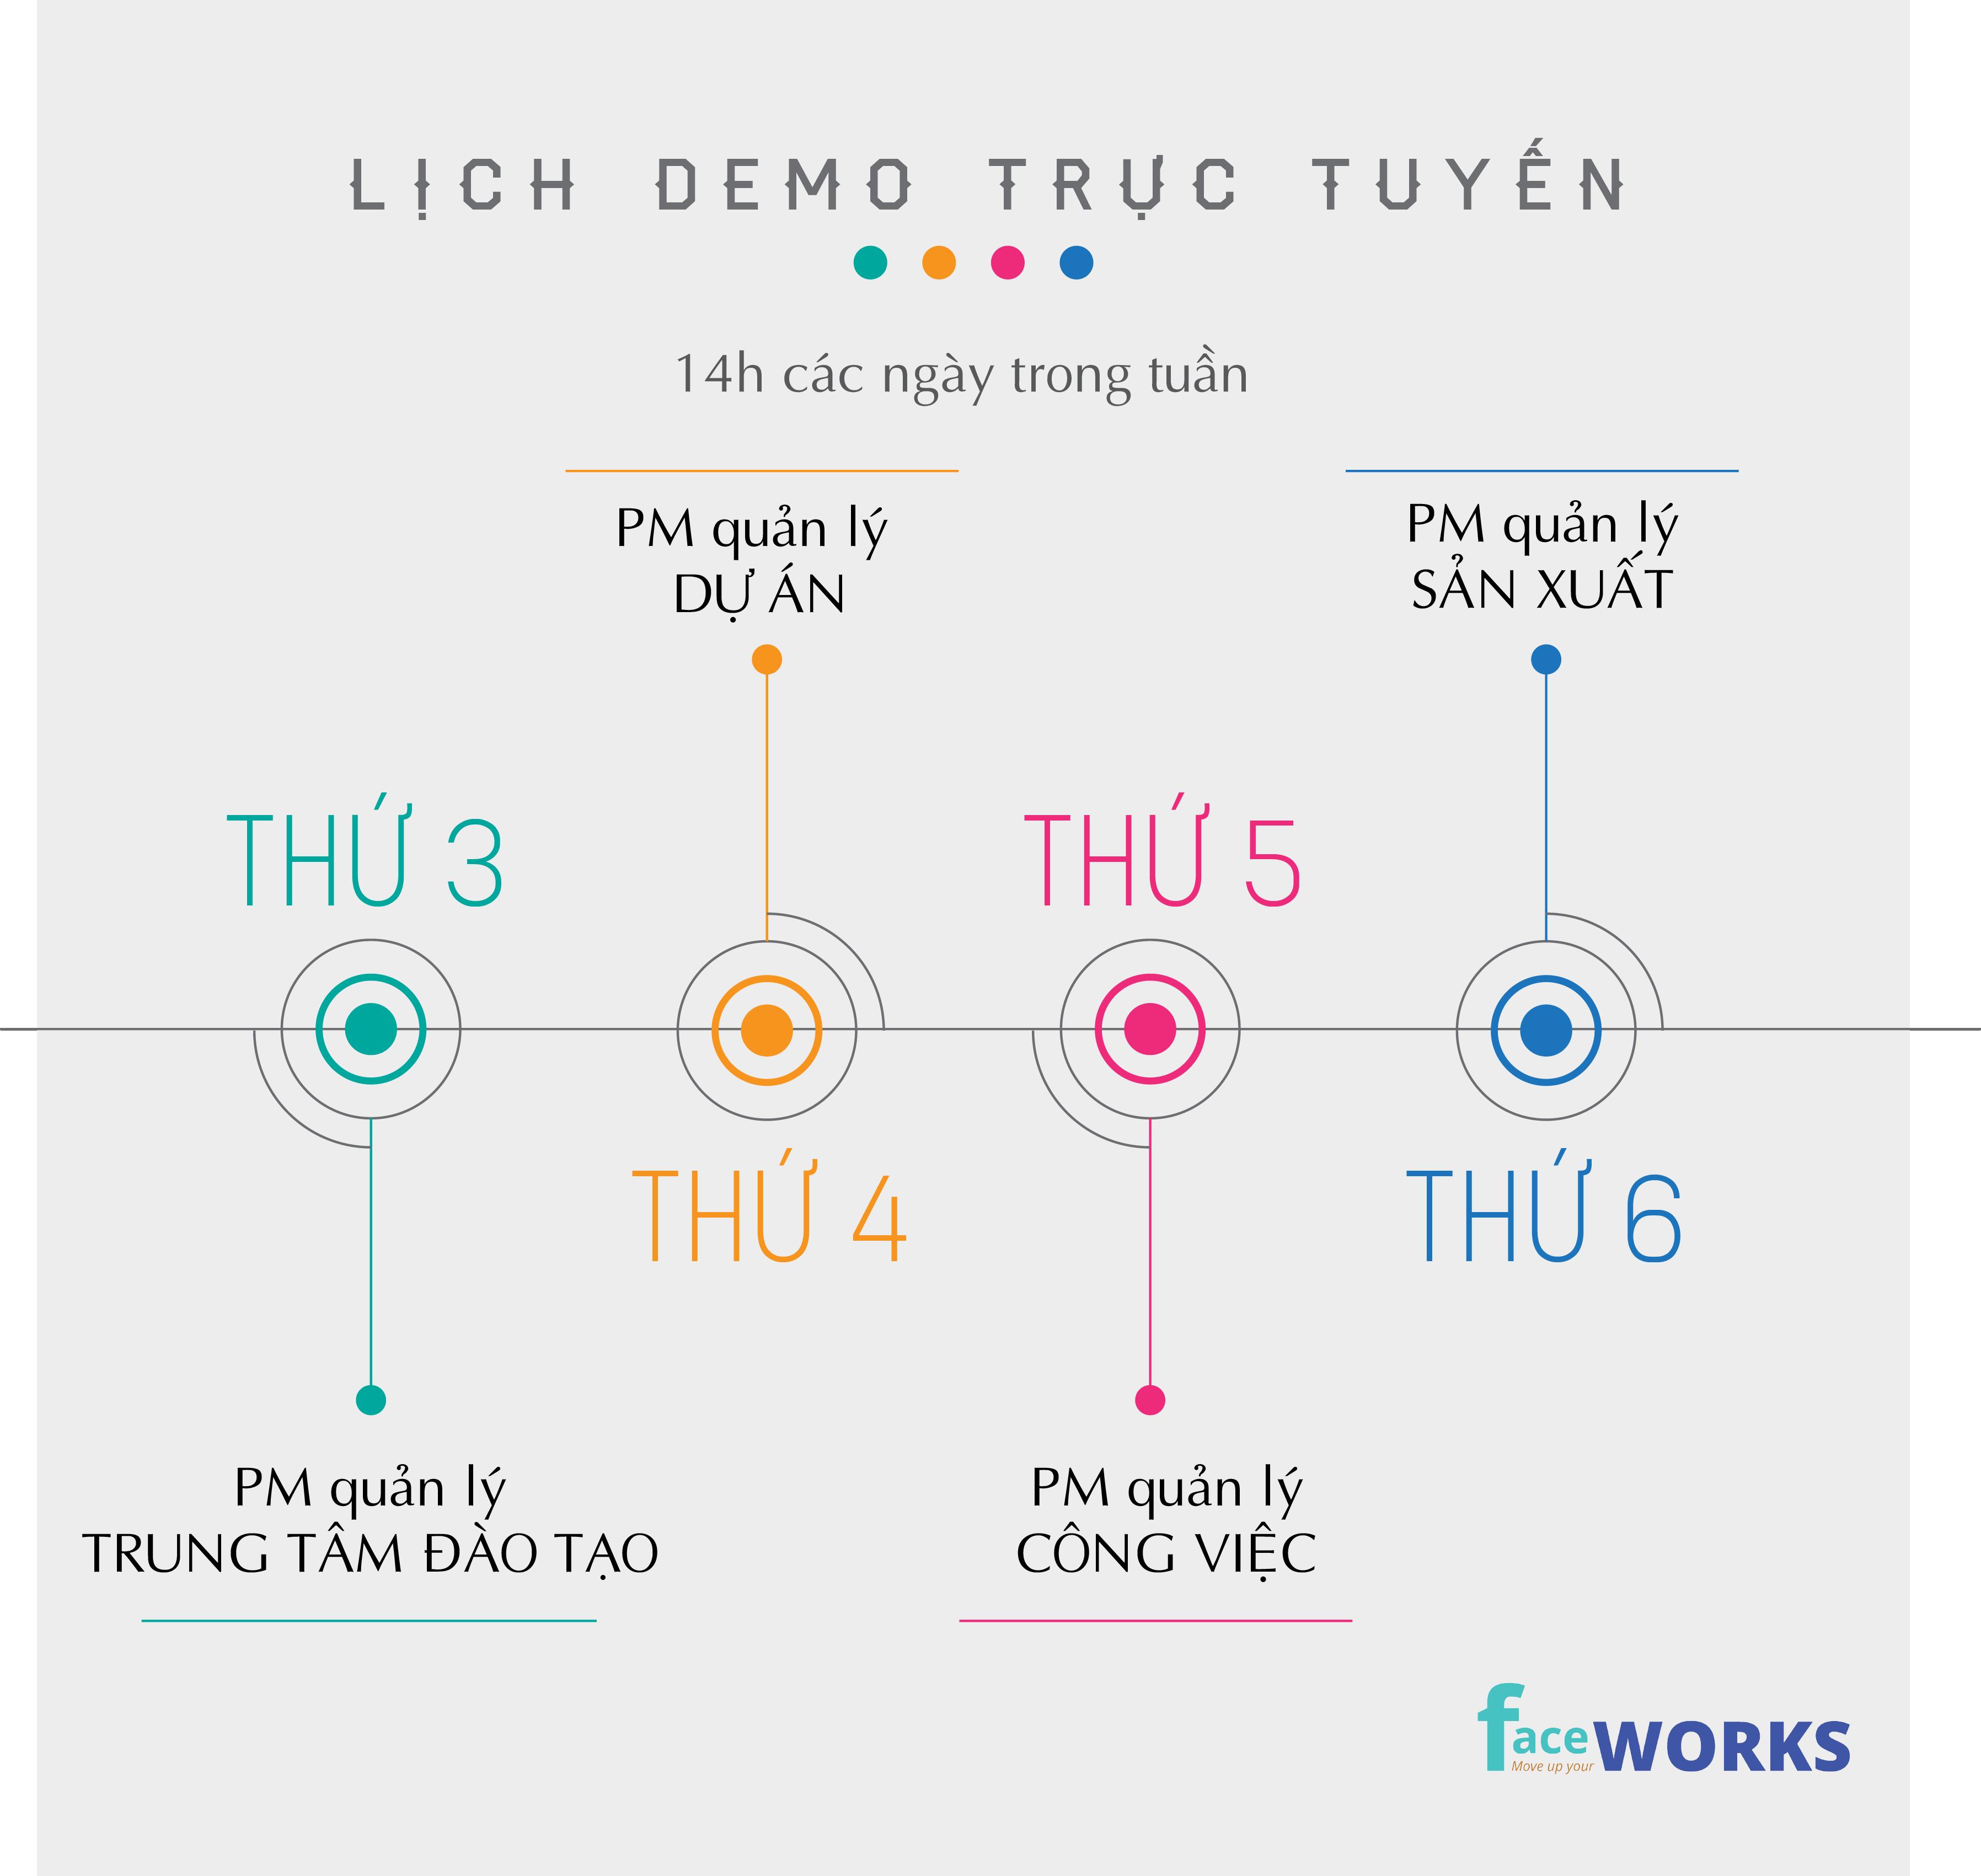 lich-demo